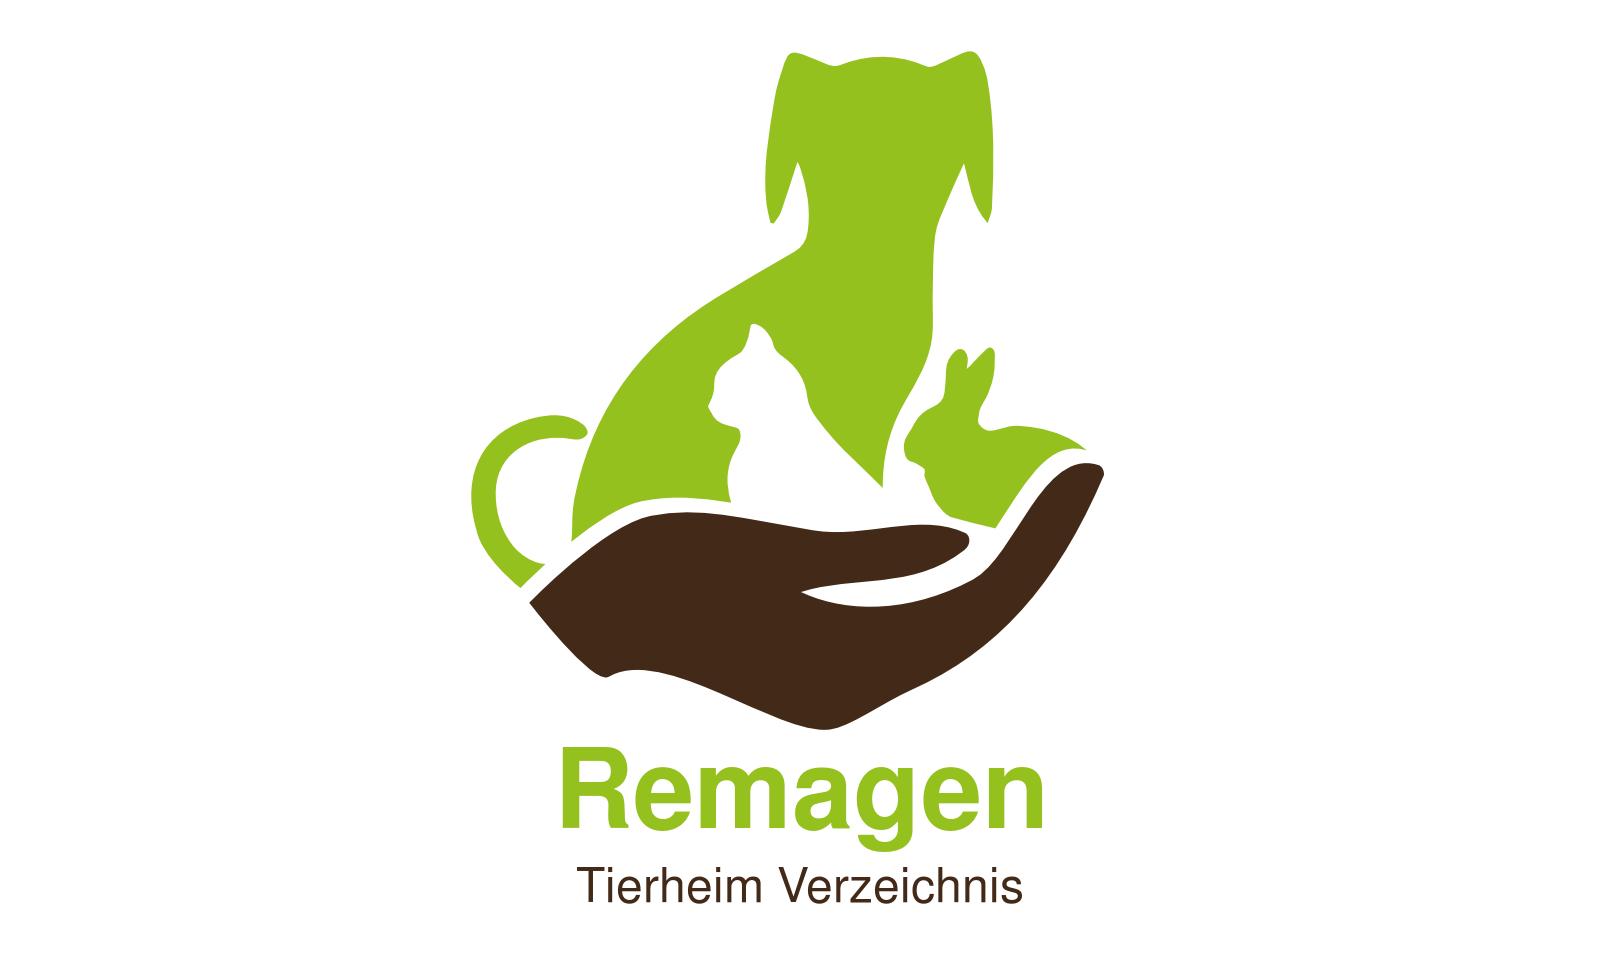 Tierheim Remagen